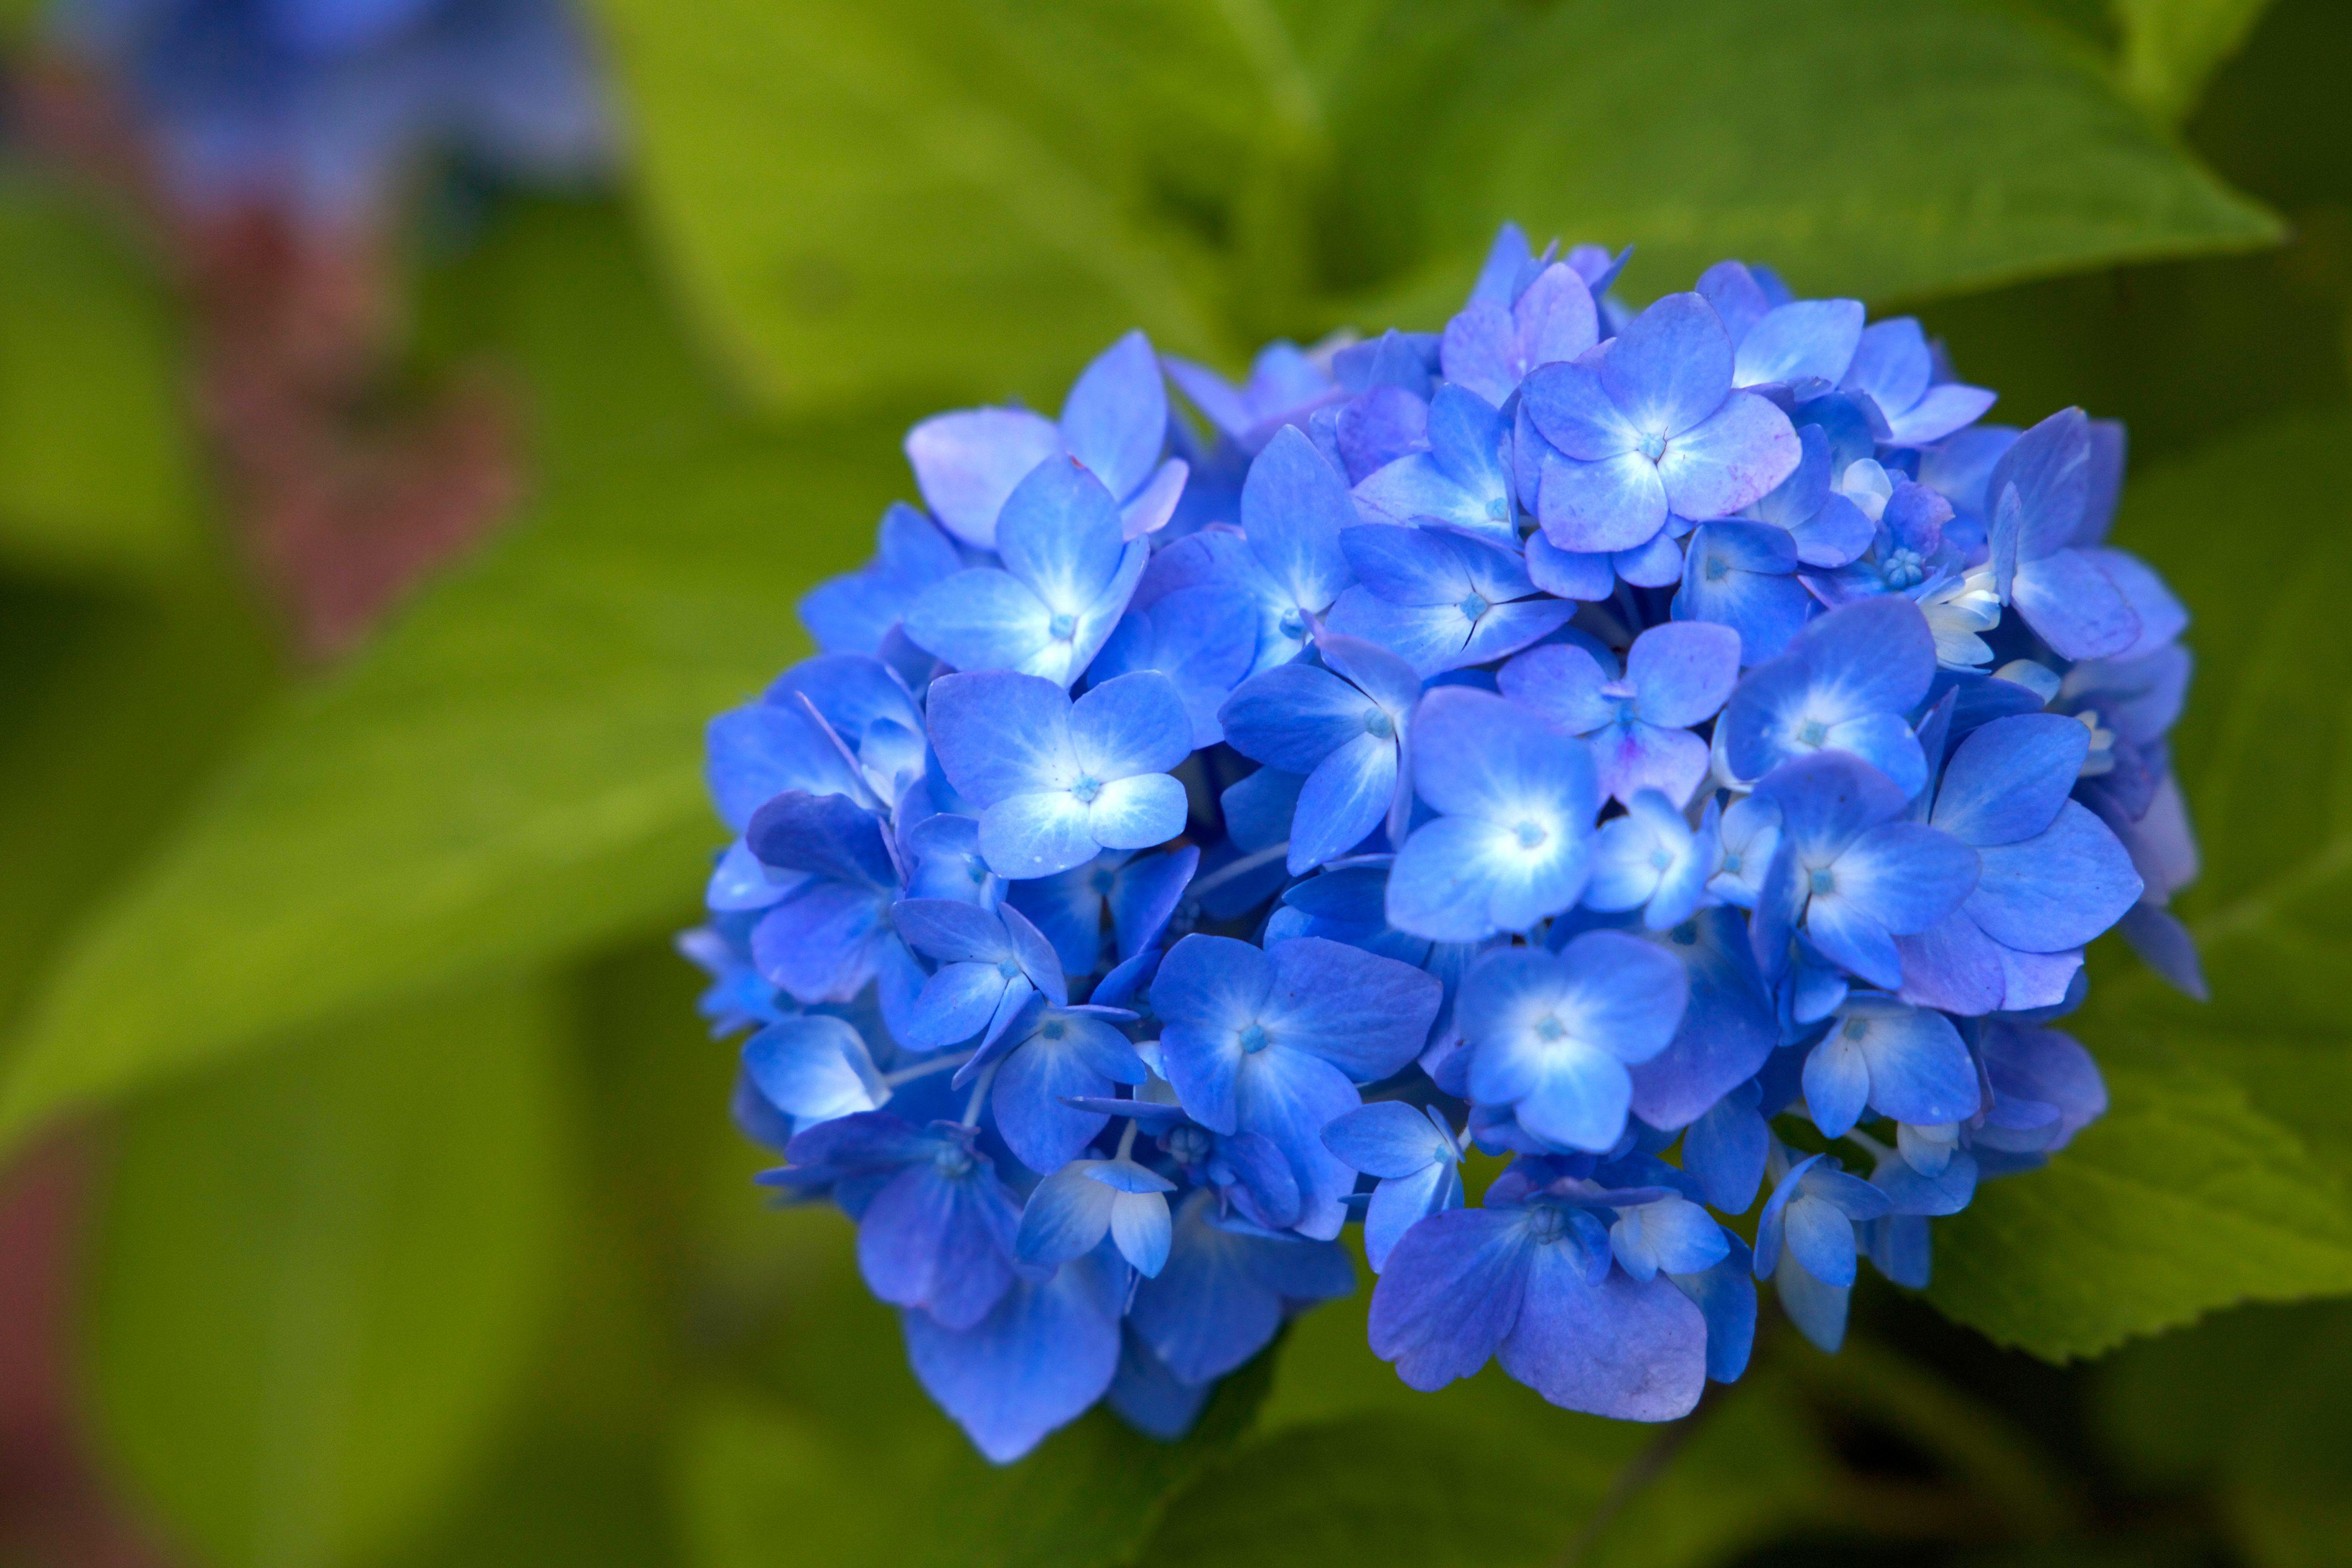 Foto gratis: fiori di ortensia, petali blu, grandi foglie verdi, flora